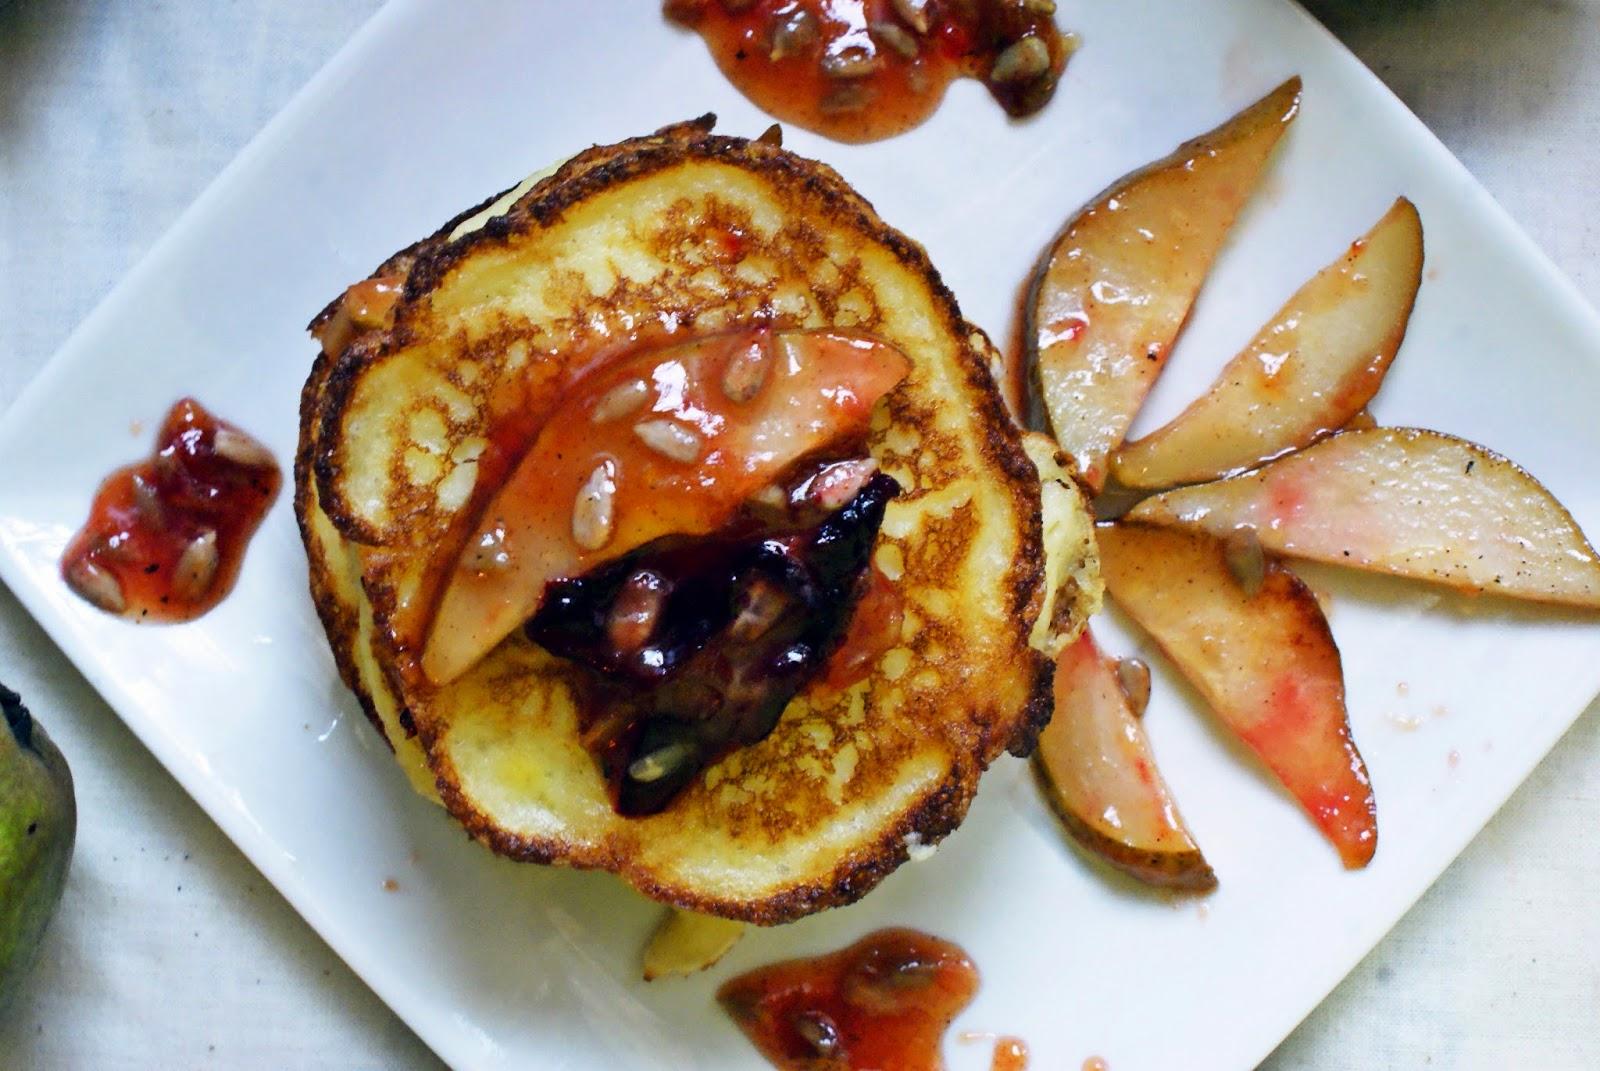 Kukurydziane pancakes z owocami karmelizowanymi w miodzie lipowym